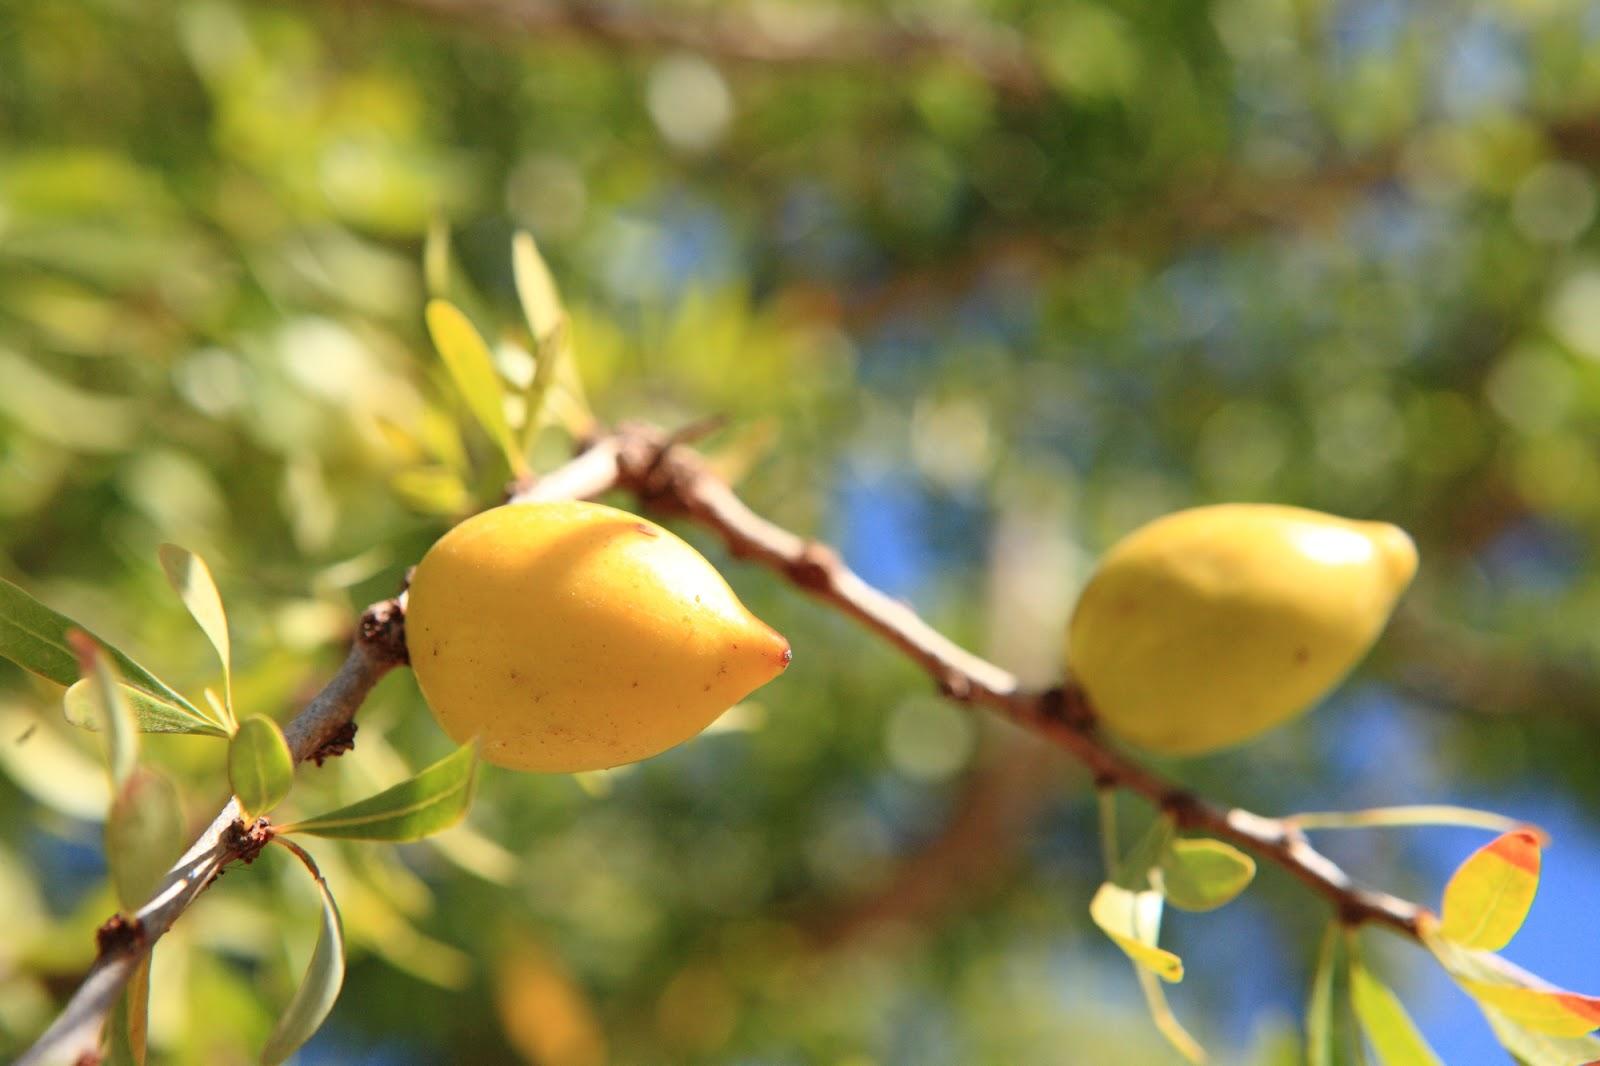 アルガンオイルを作りだす【アルガンツリー(アルガンの木)】は、アフリカ大陸北西端部にのみ自生している樹木です。 アルガンオイルは、1年間雨が降らなくても生きていけるという強い生命力をもつアルガンツリーの種子から抽出され「モロッコの黄金」と称されています。